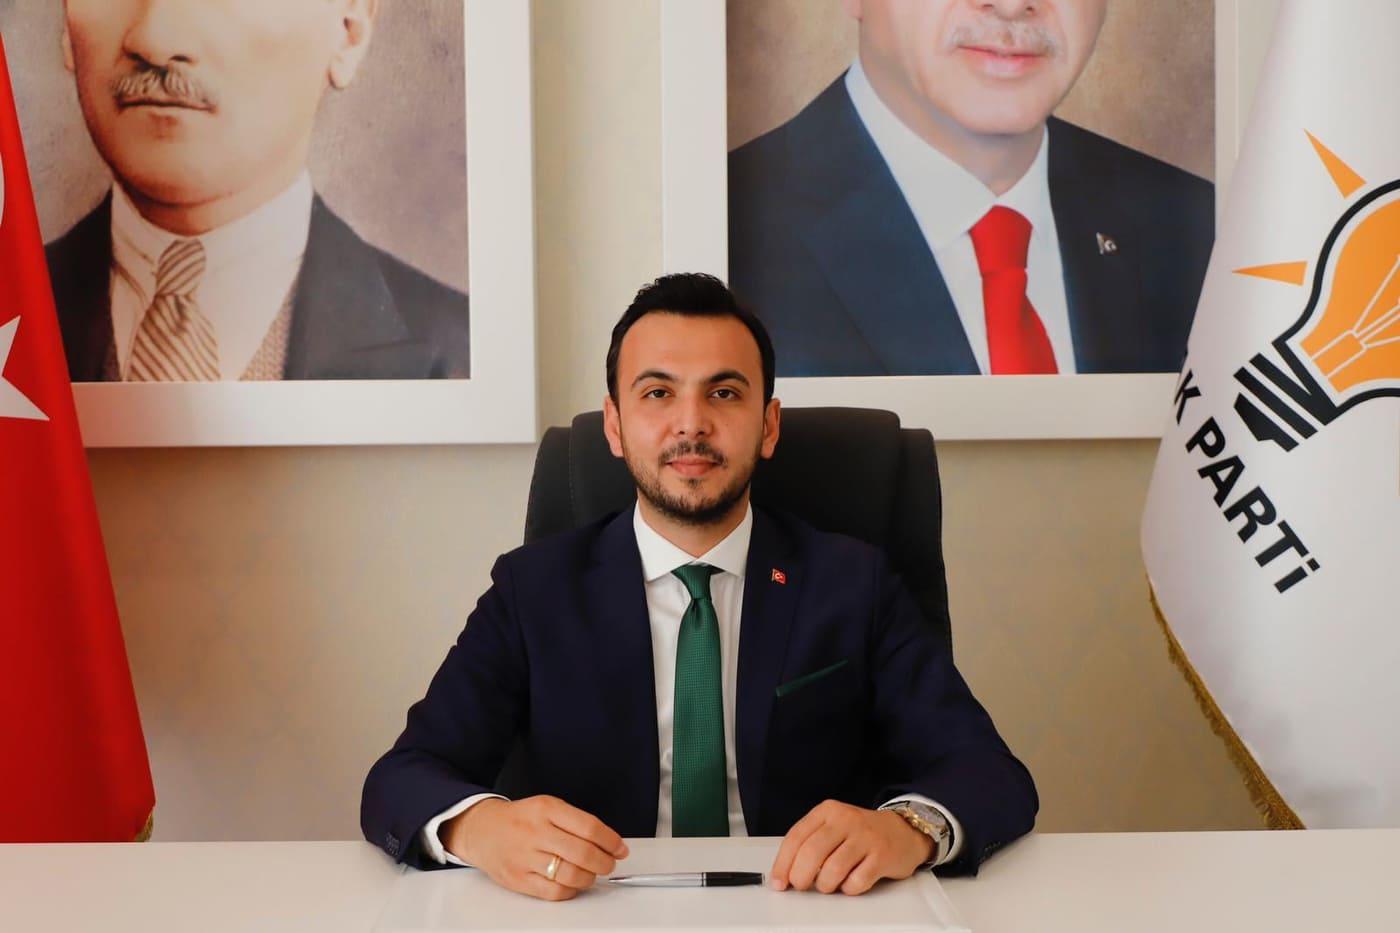 Ak Parti İlçe Başkanı Toklu yaşanan zorlu süreçte birlik ve beraberlik çağrısında bulundu